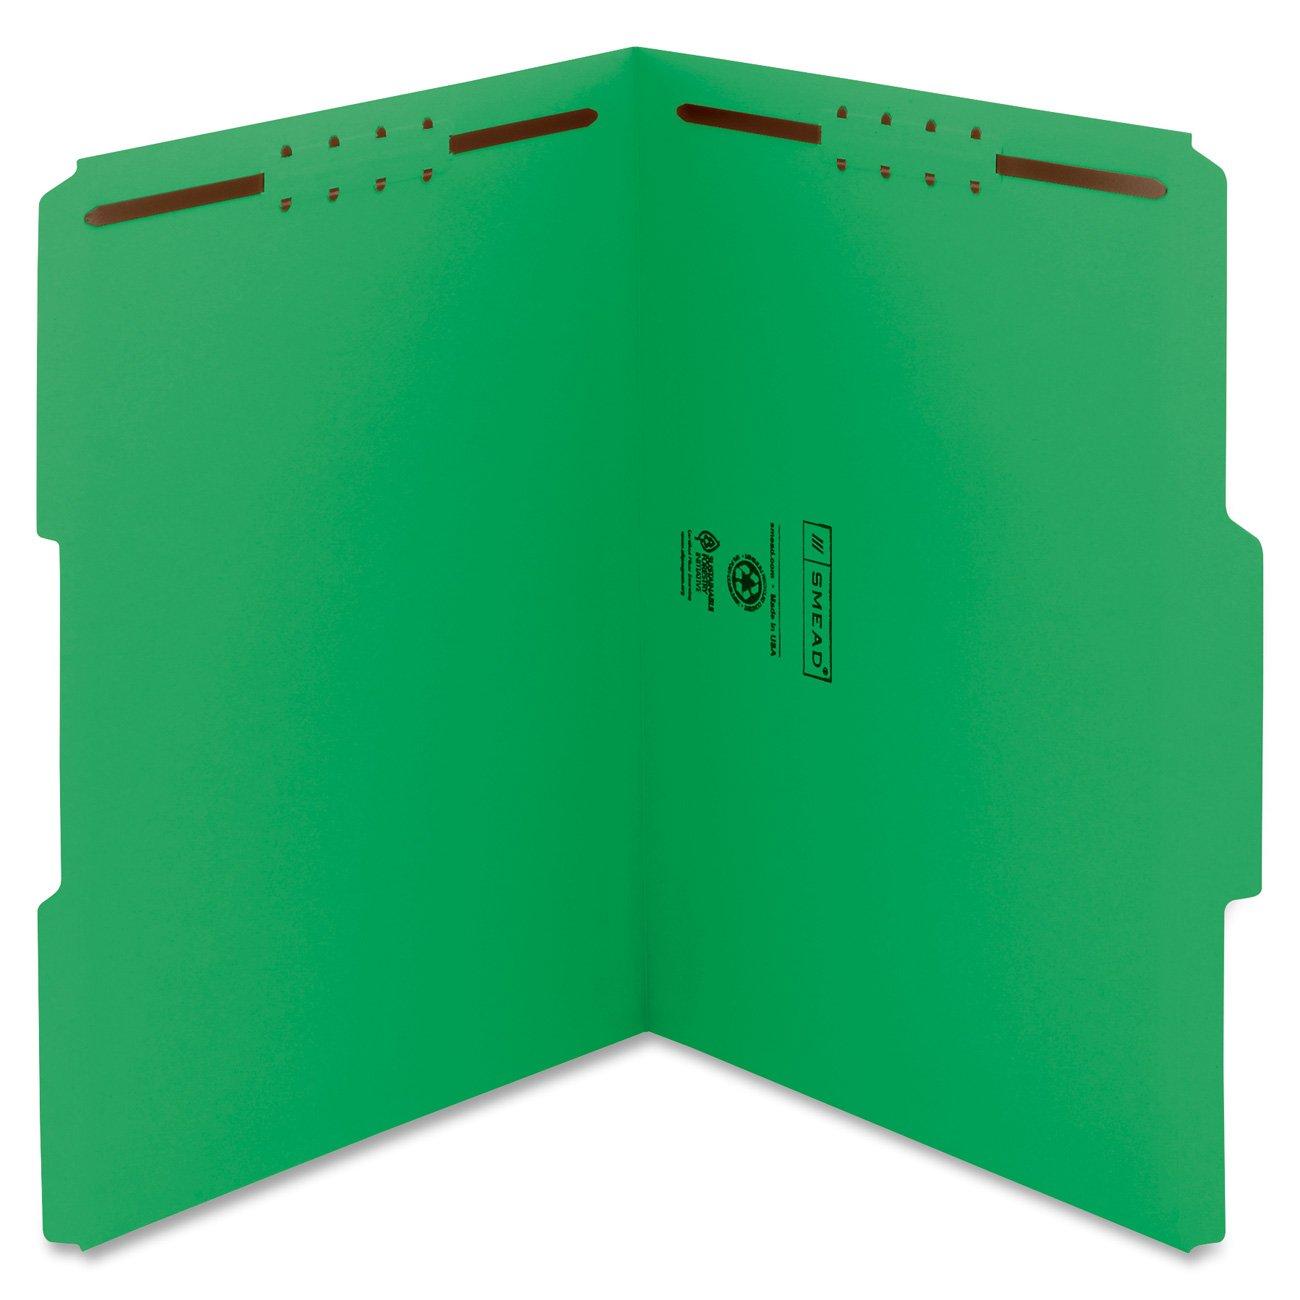 Smead Fastener File Folder, 2 Fasteners, Reinforced 1/3-Cut Tab, Letter Size, Green, 50 per Box (12140)